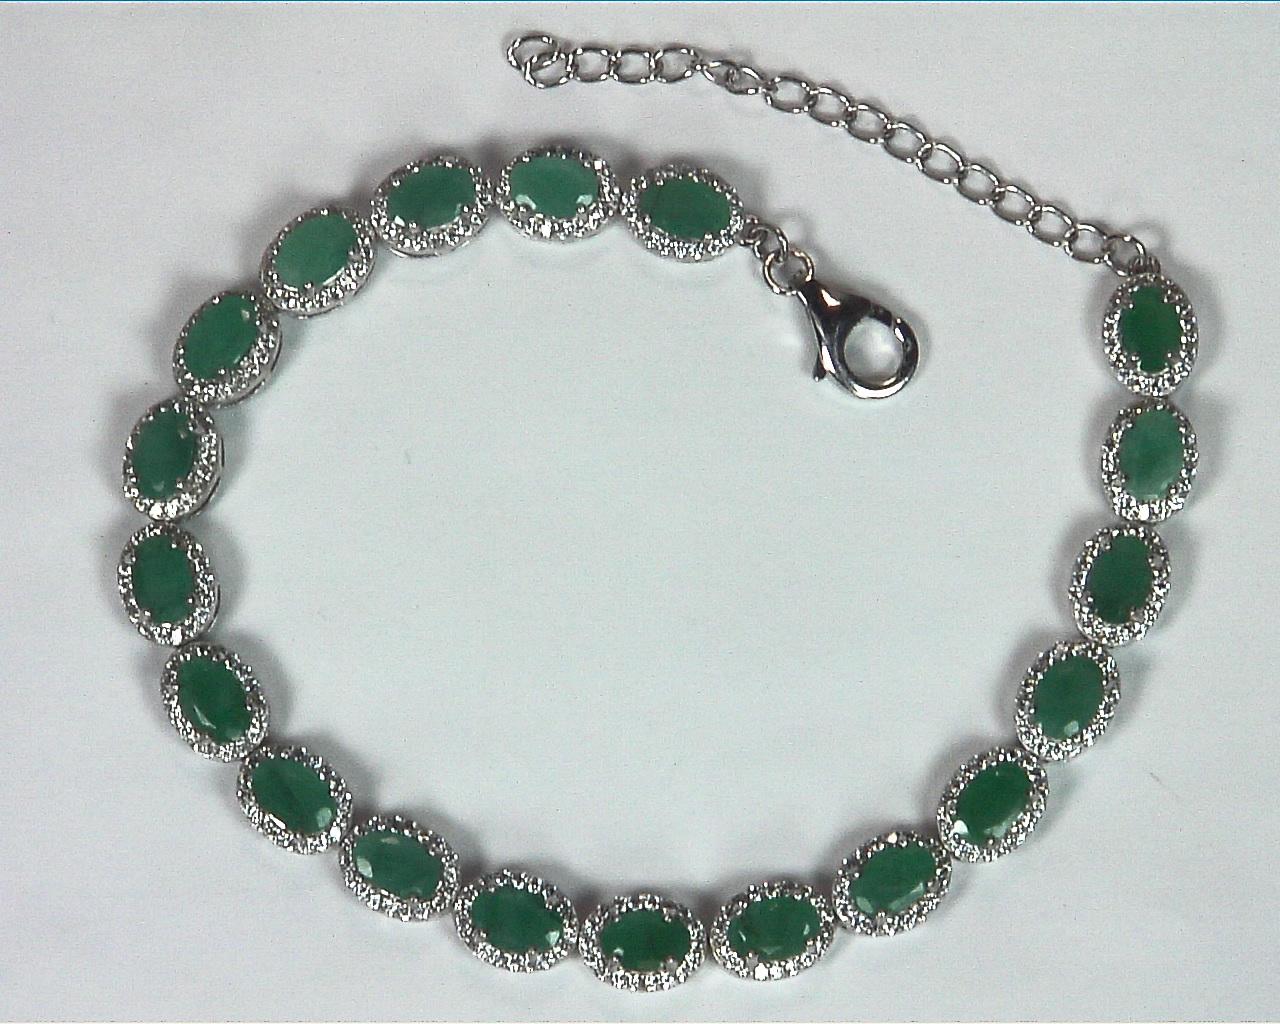 Emerald Natural Genuine Gemstone Bracelet in Sterling Silver BR,791